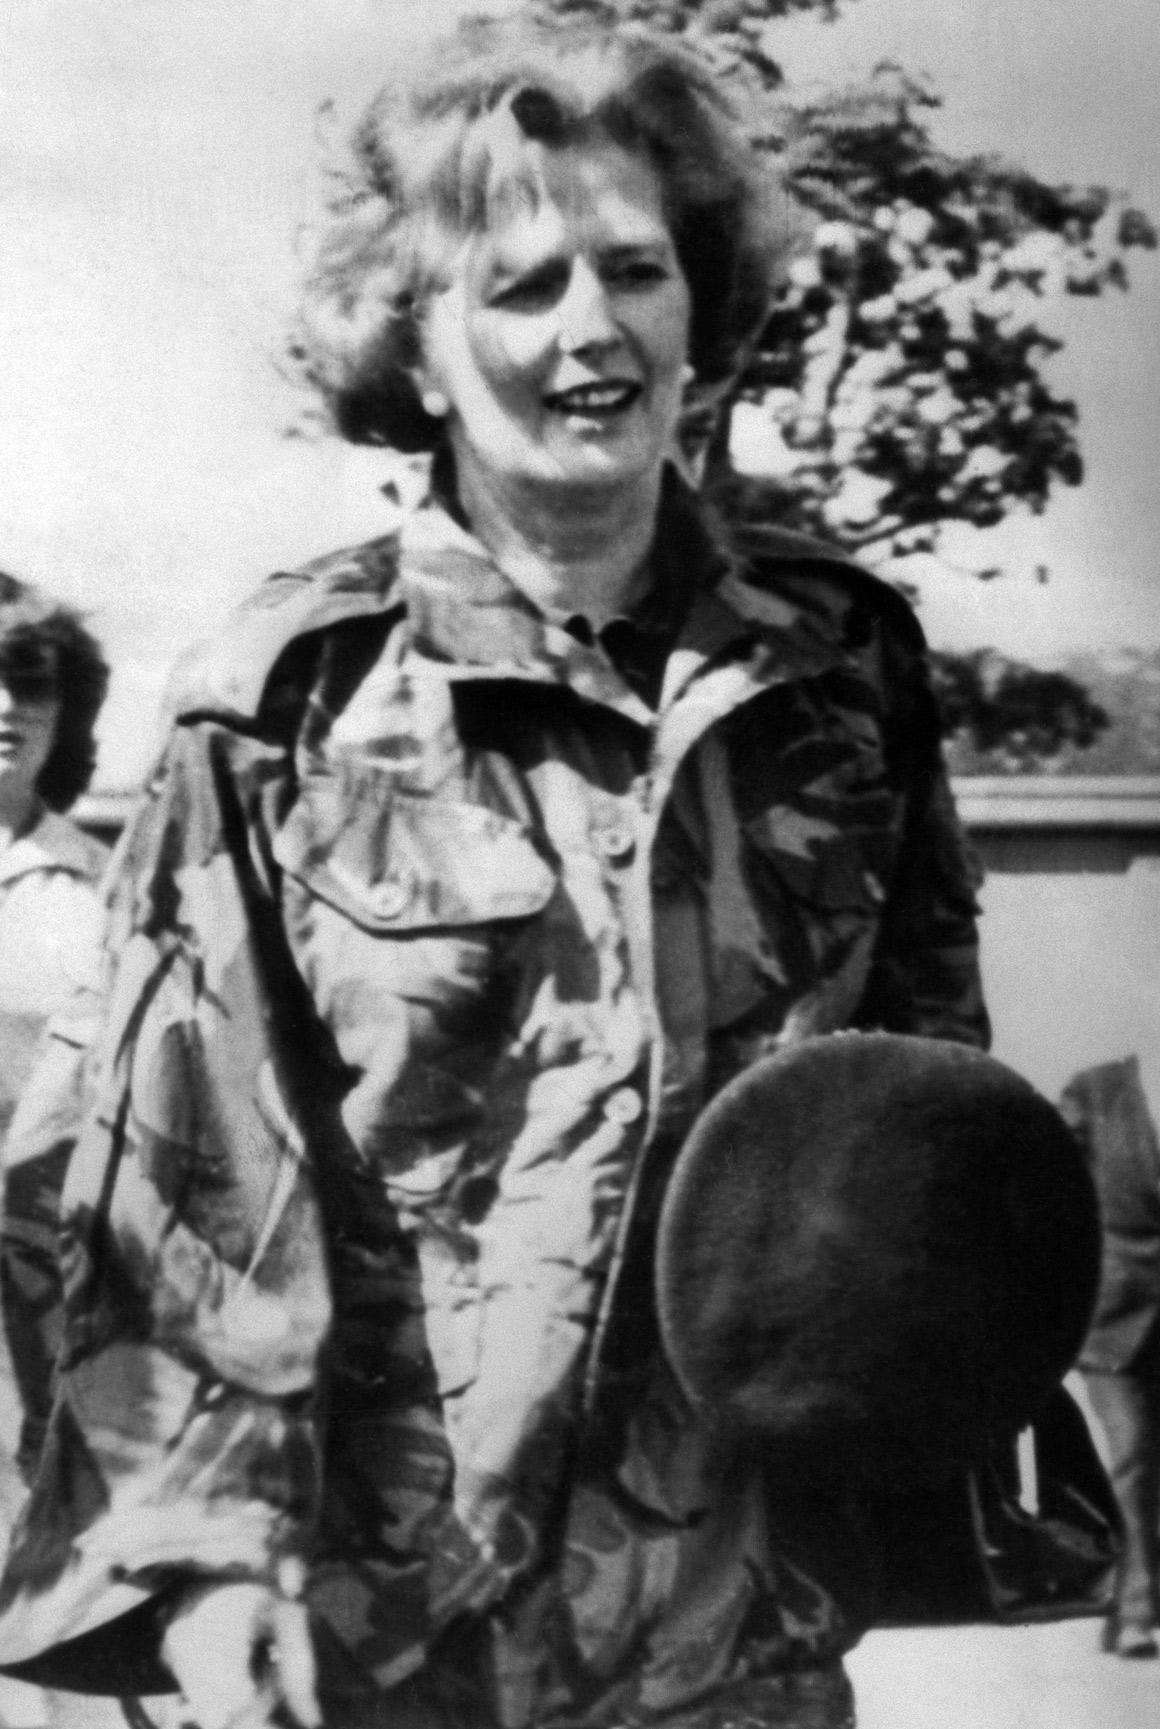 De uniforme militar, em 1979, South Armagh, Irlanda do Norte